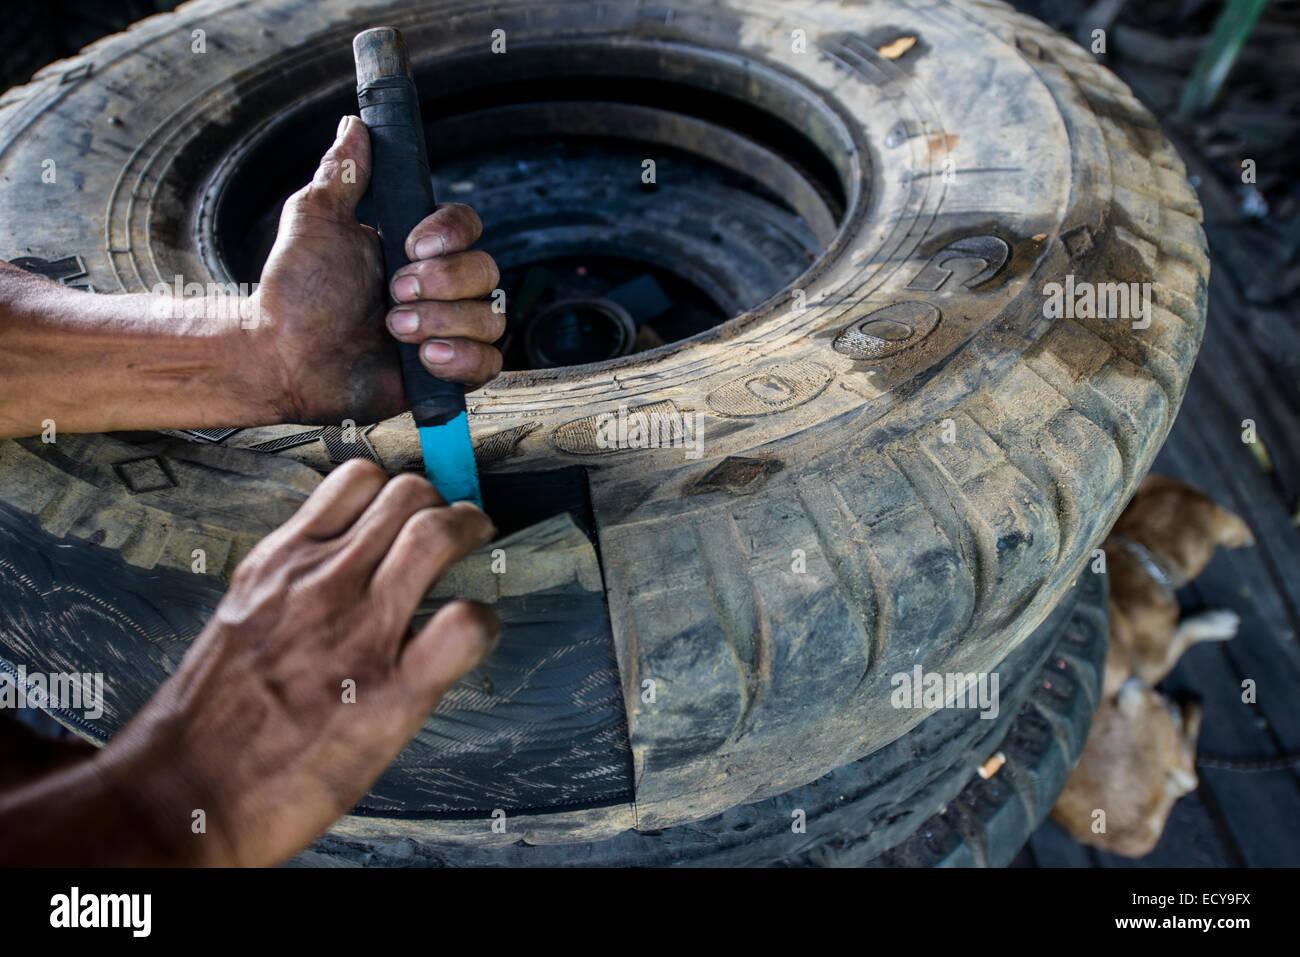 Recycling Von Alten Lkw Reifen Um Bauen Mobel Sud Luzon